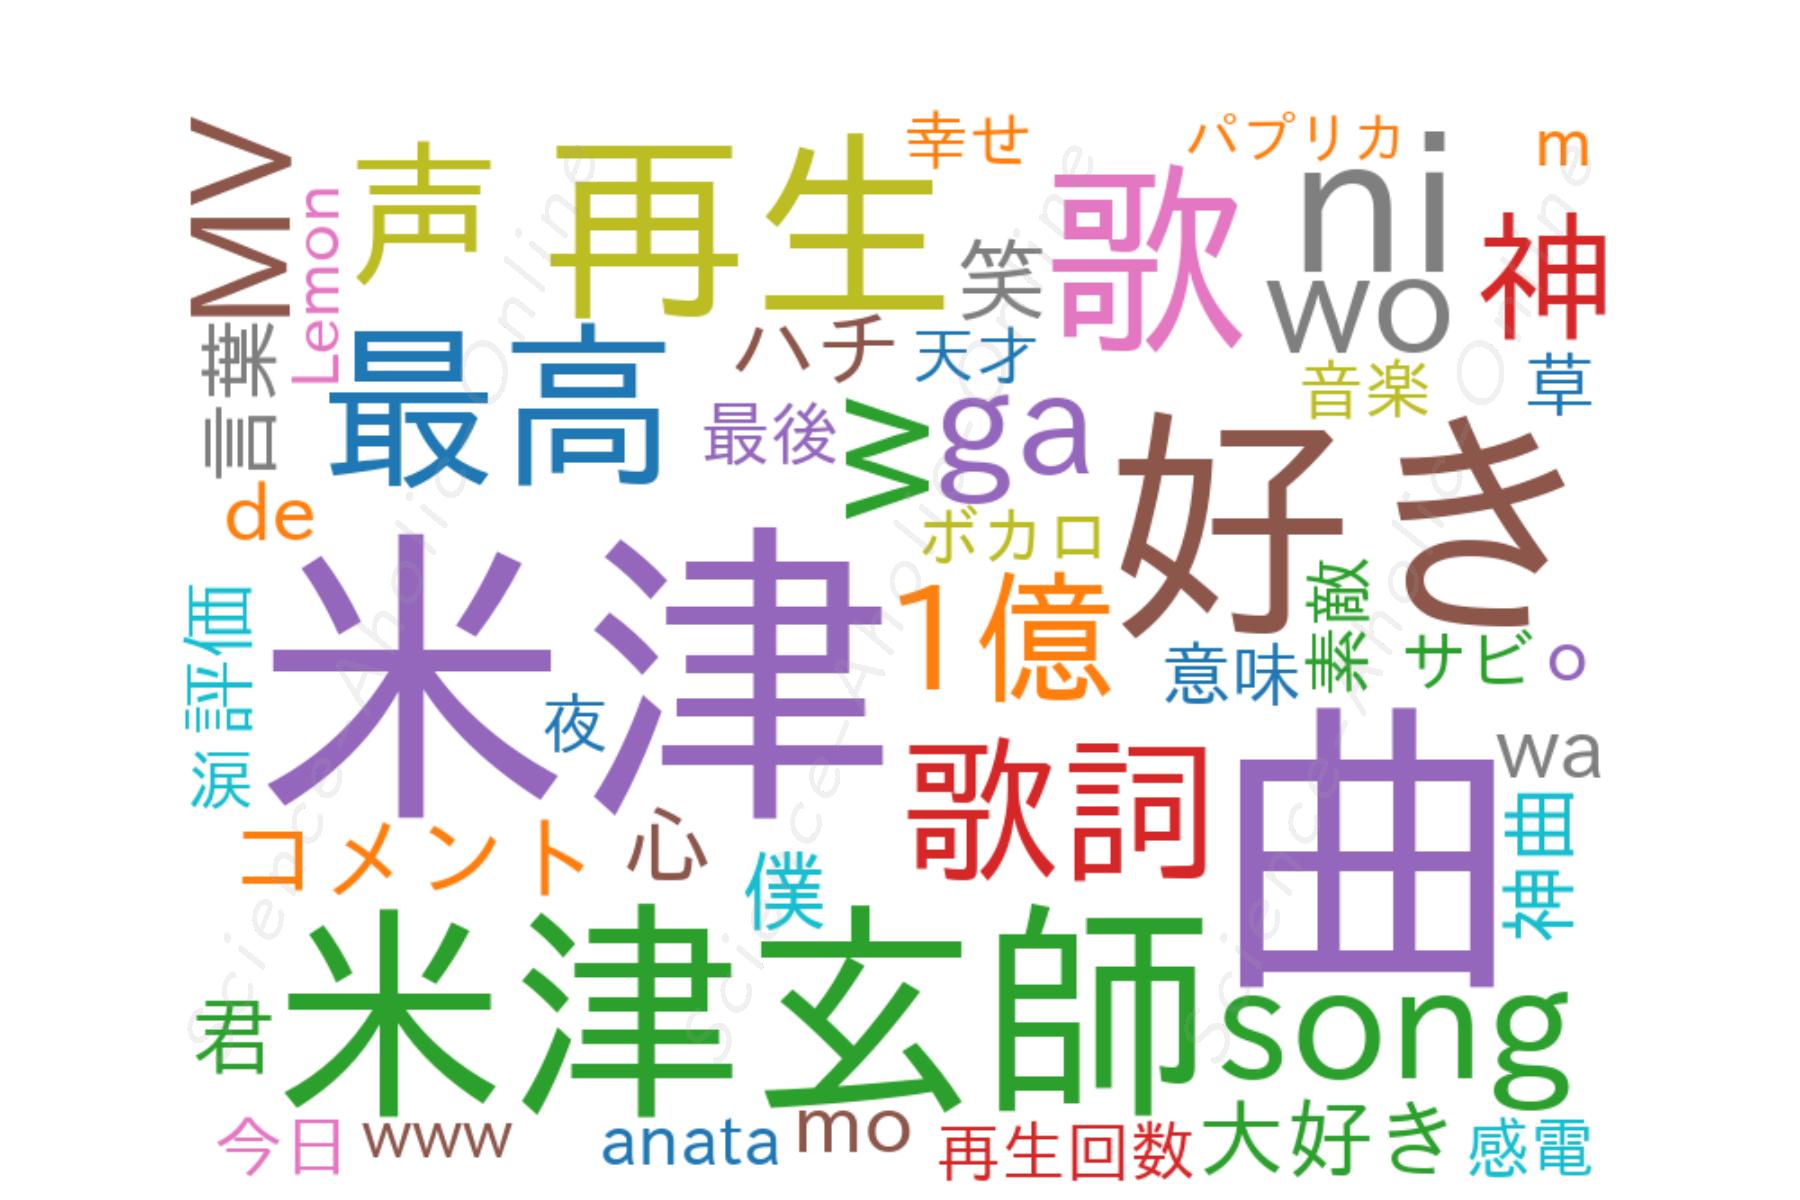 wordcloud_米津玄師